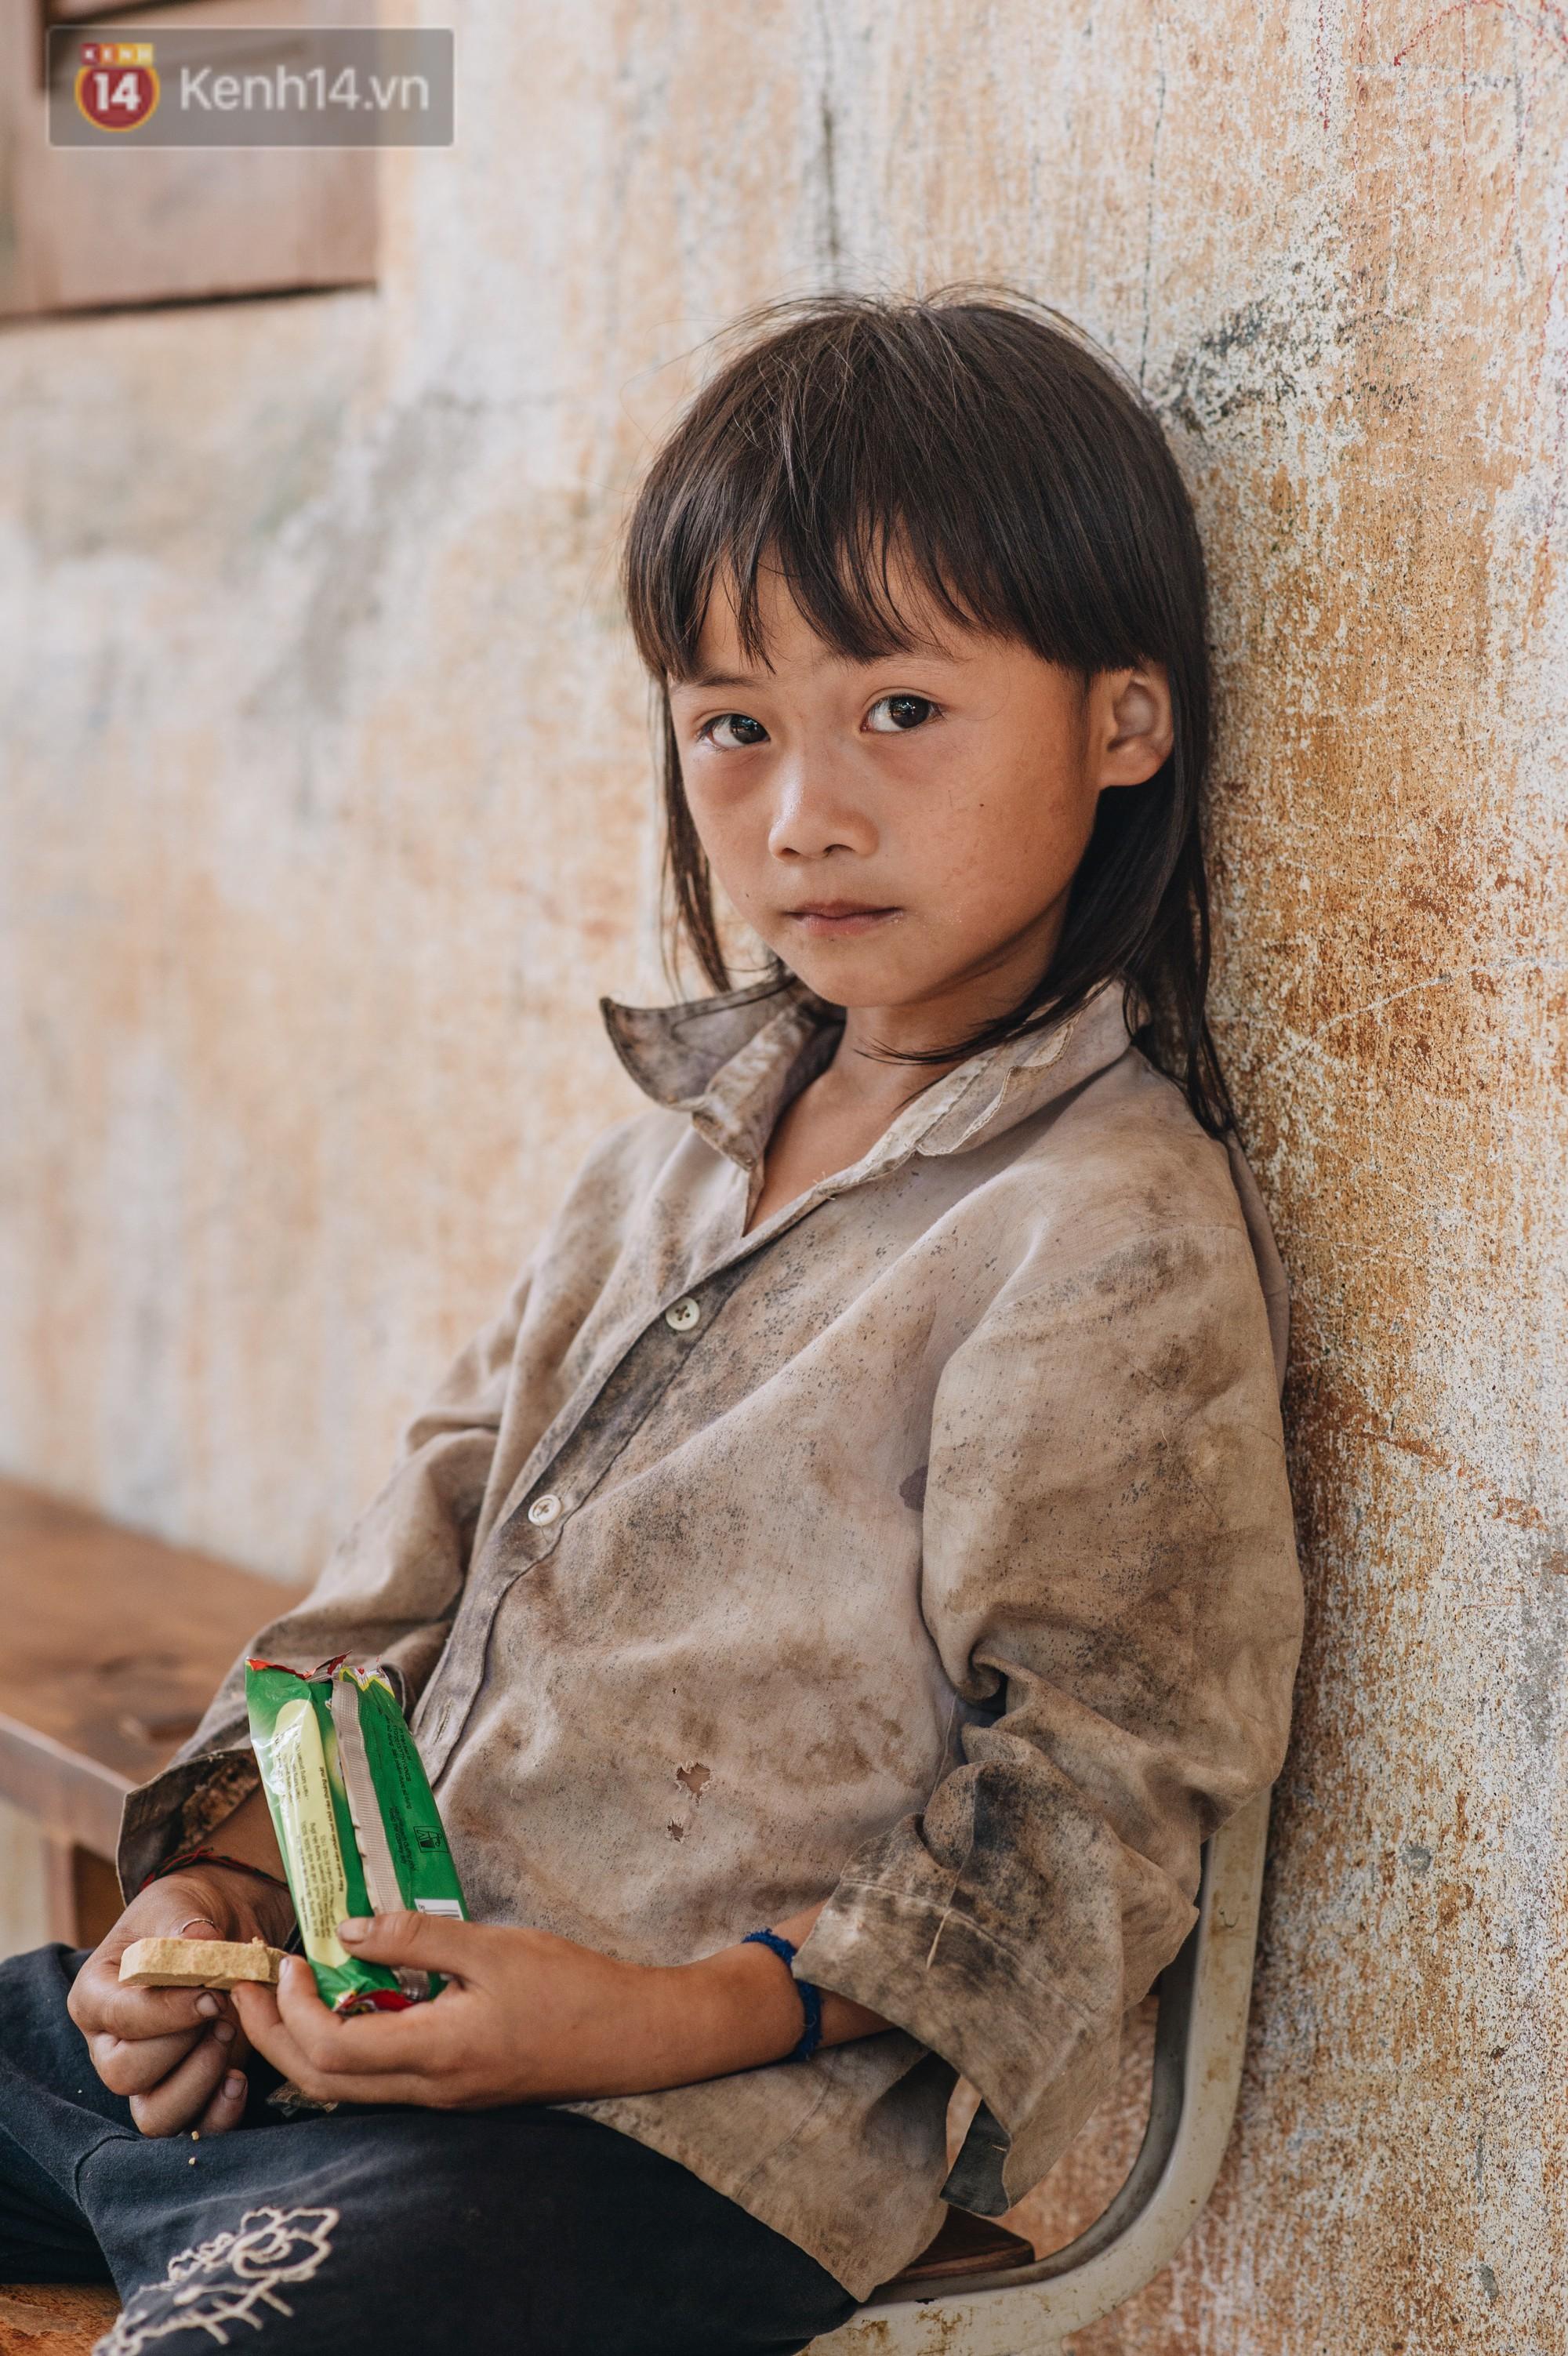 Ánh mắt kiên cường và nụ cười hồn nhiên của trẻ em Hà Giang sau trận lũ đau thương khiến 5 người chết, hàng trăm ngôi nhà đổ nát - Ảnh 10.